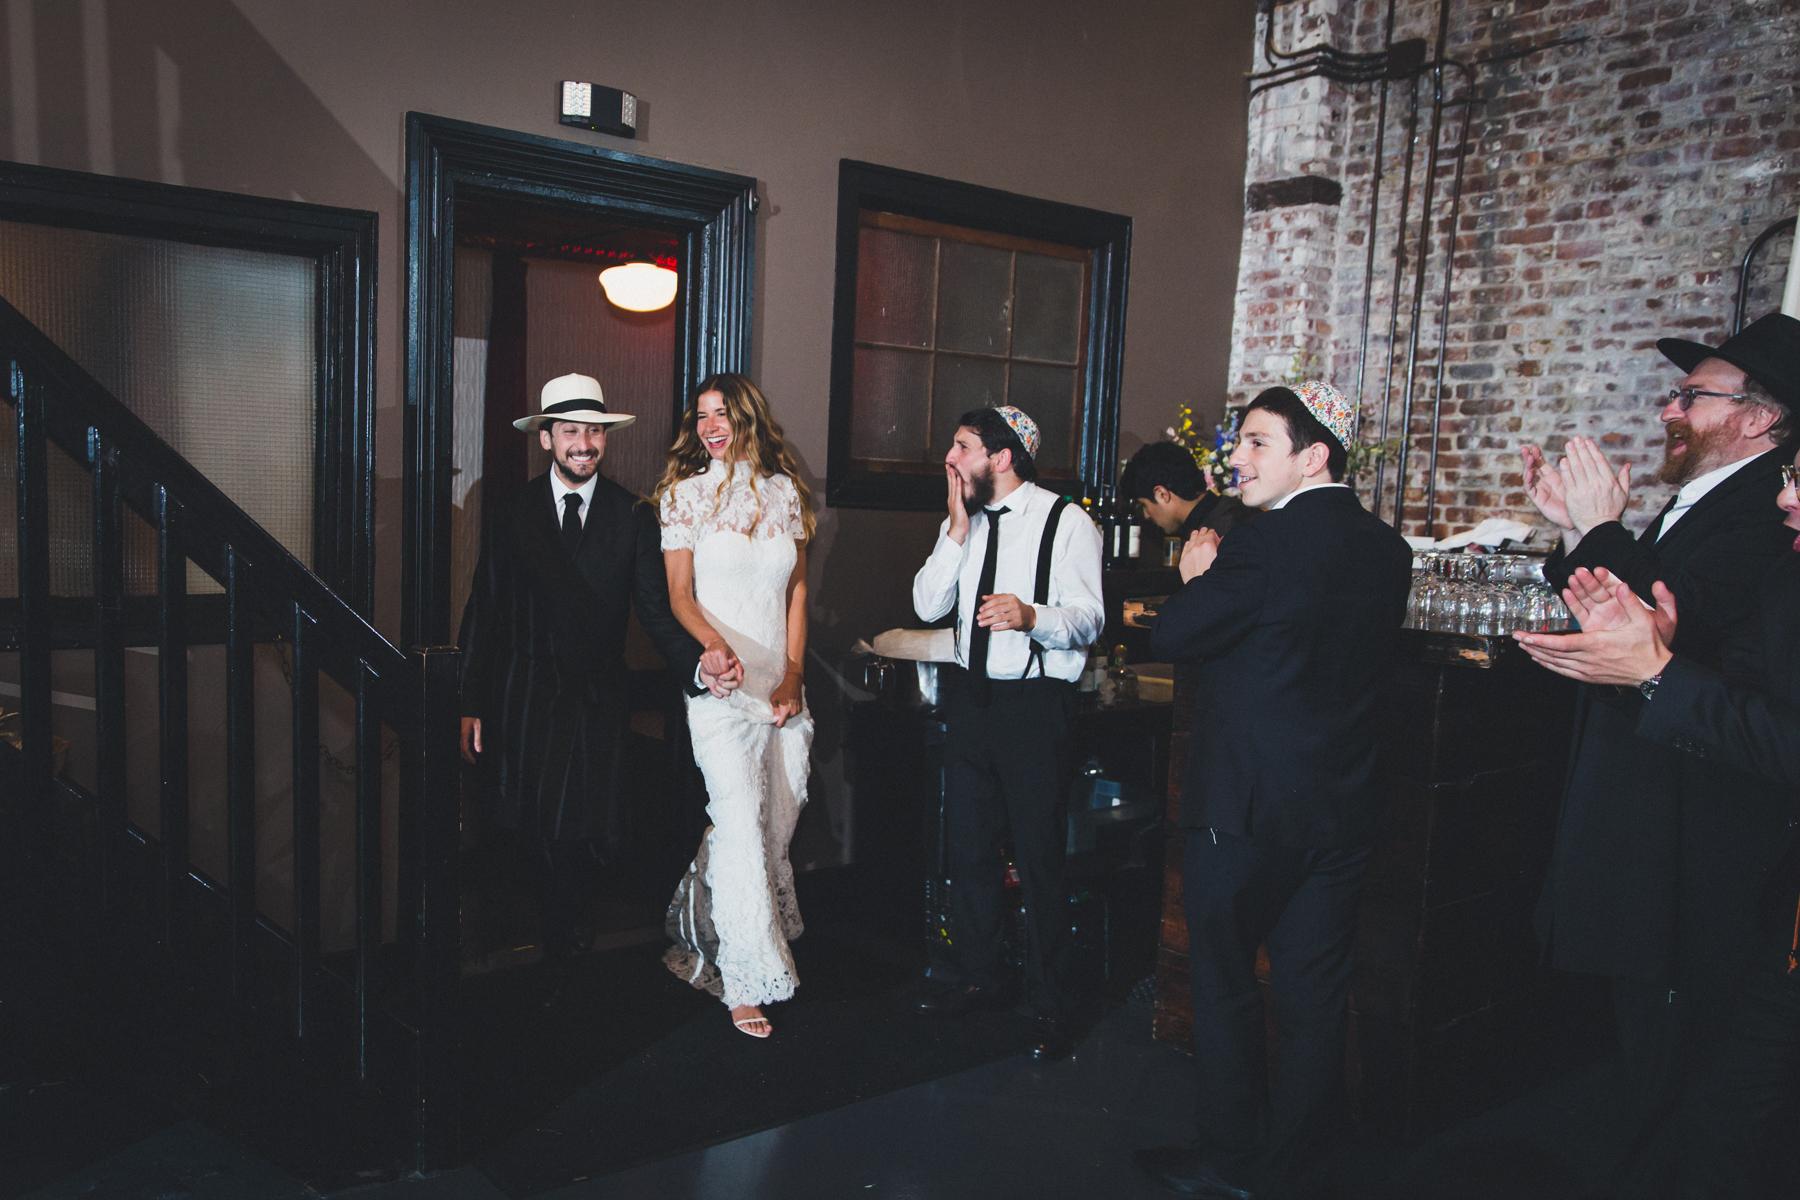 Wythe-Hotel-Green-Building-Brooklyn-Documentary-Wedding-Photography-94.jpg